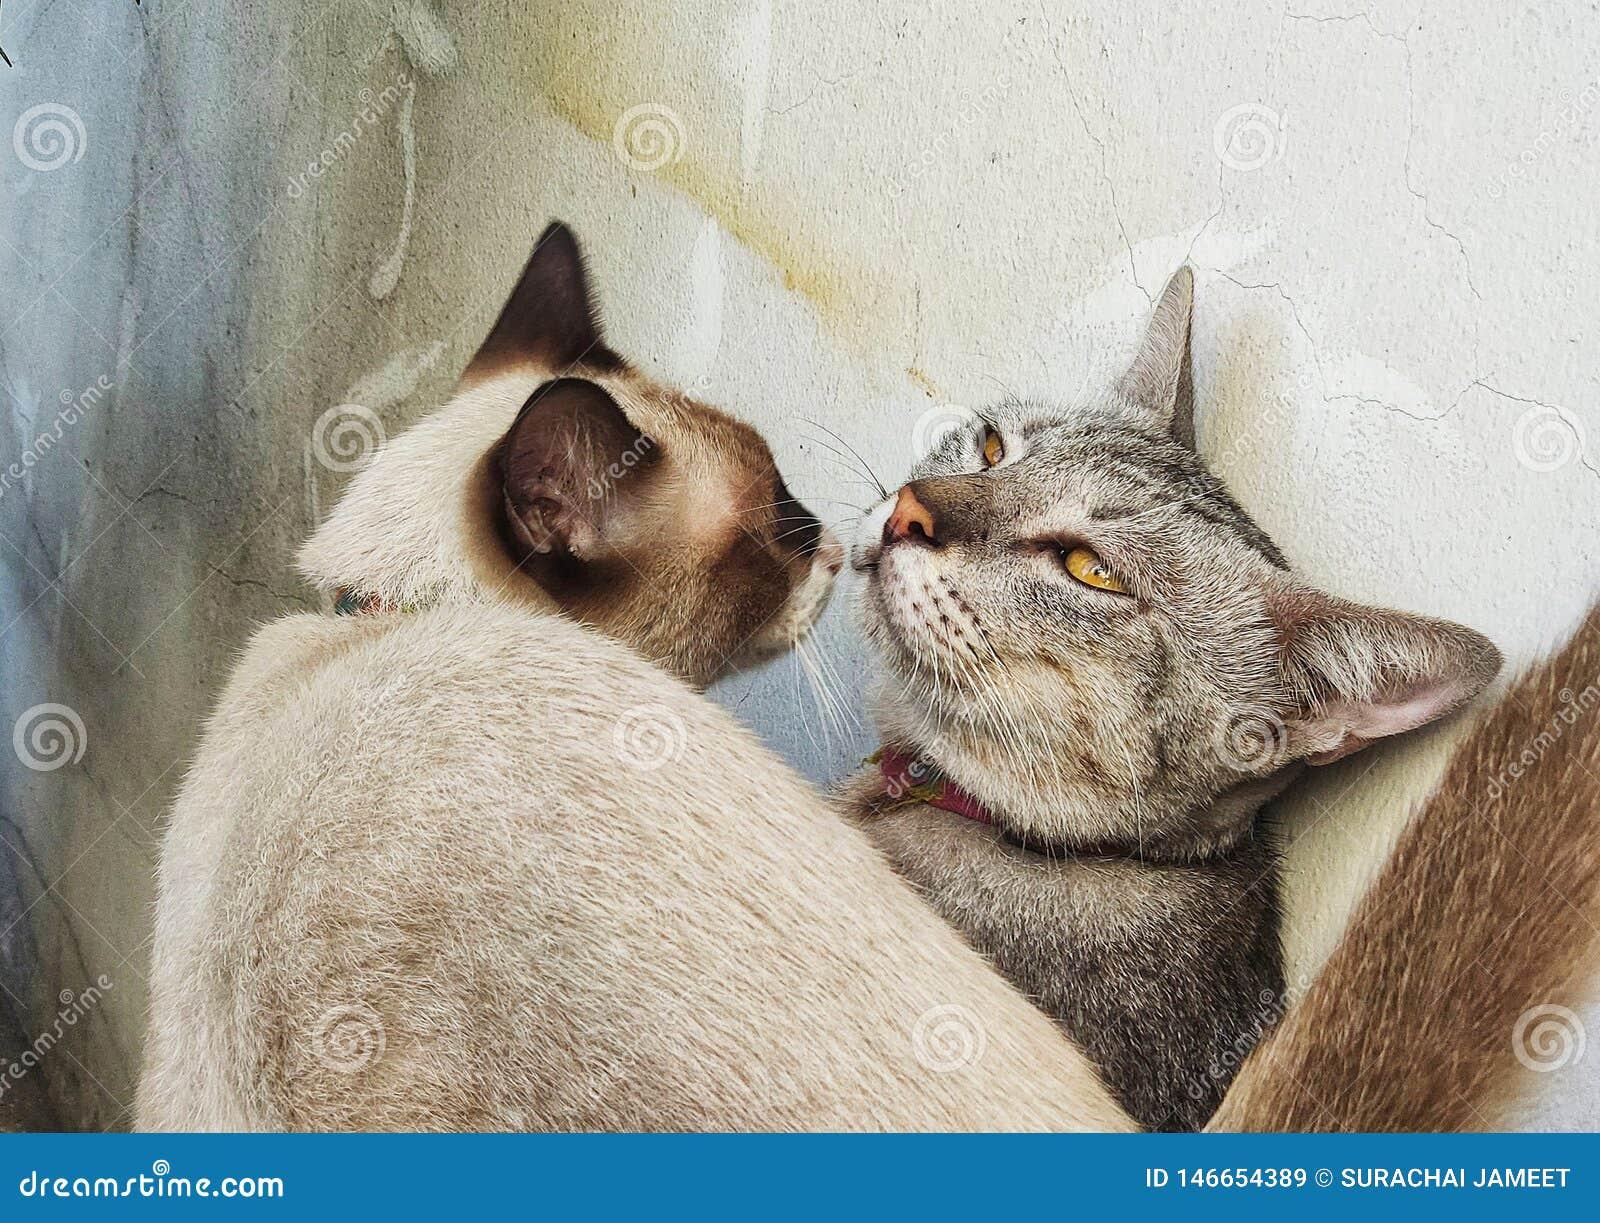 Il maschio ed i gatti femminili stanno baciando vicino alla vecchia parete del gesso, schietta amore del concetto animale